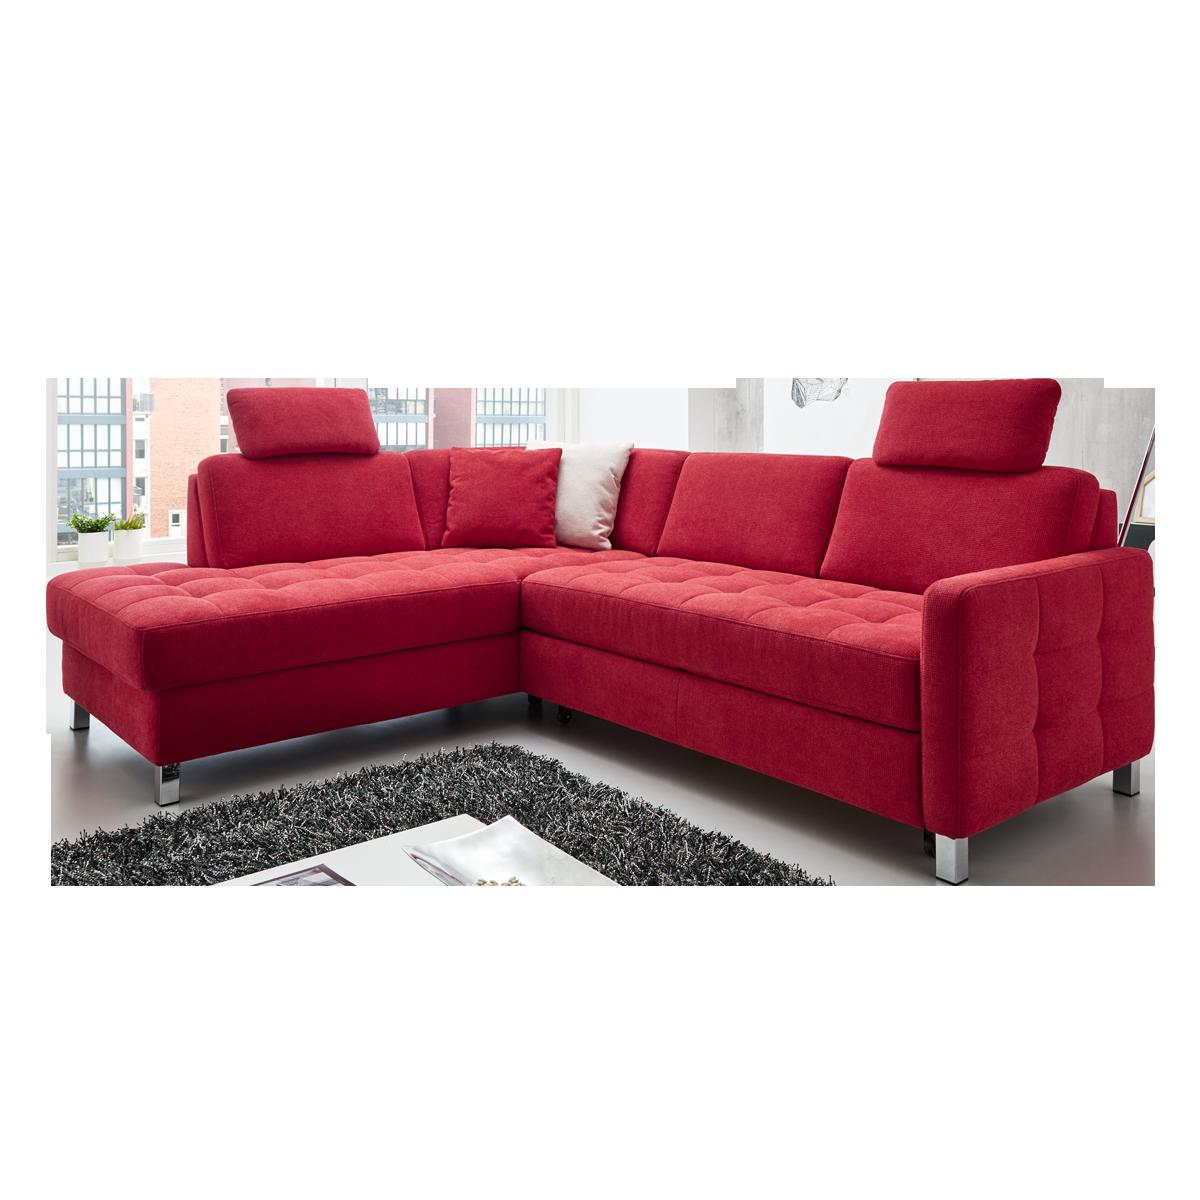 Full Size of Rotes Sofa Modernes Ecksofa Prag Mit Ottomane Bezug Rot 2 Relaxfunktion Breit Le Corbusier Elektrischer Sitztiefenverstellung Kleines Günstig Rolf Benz Sofa Rotes Sofa